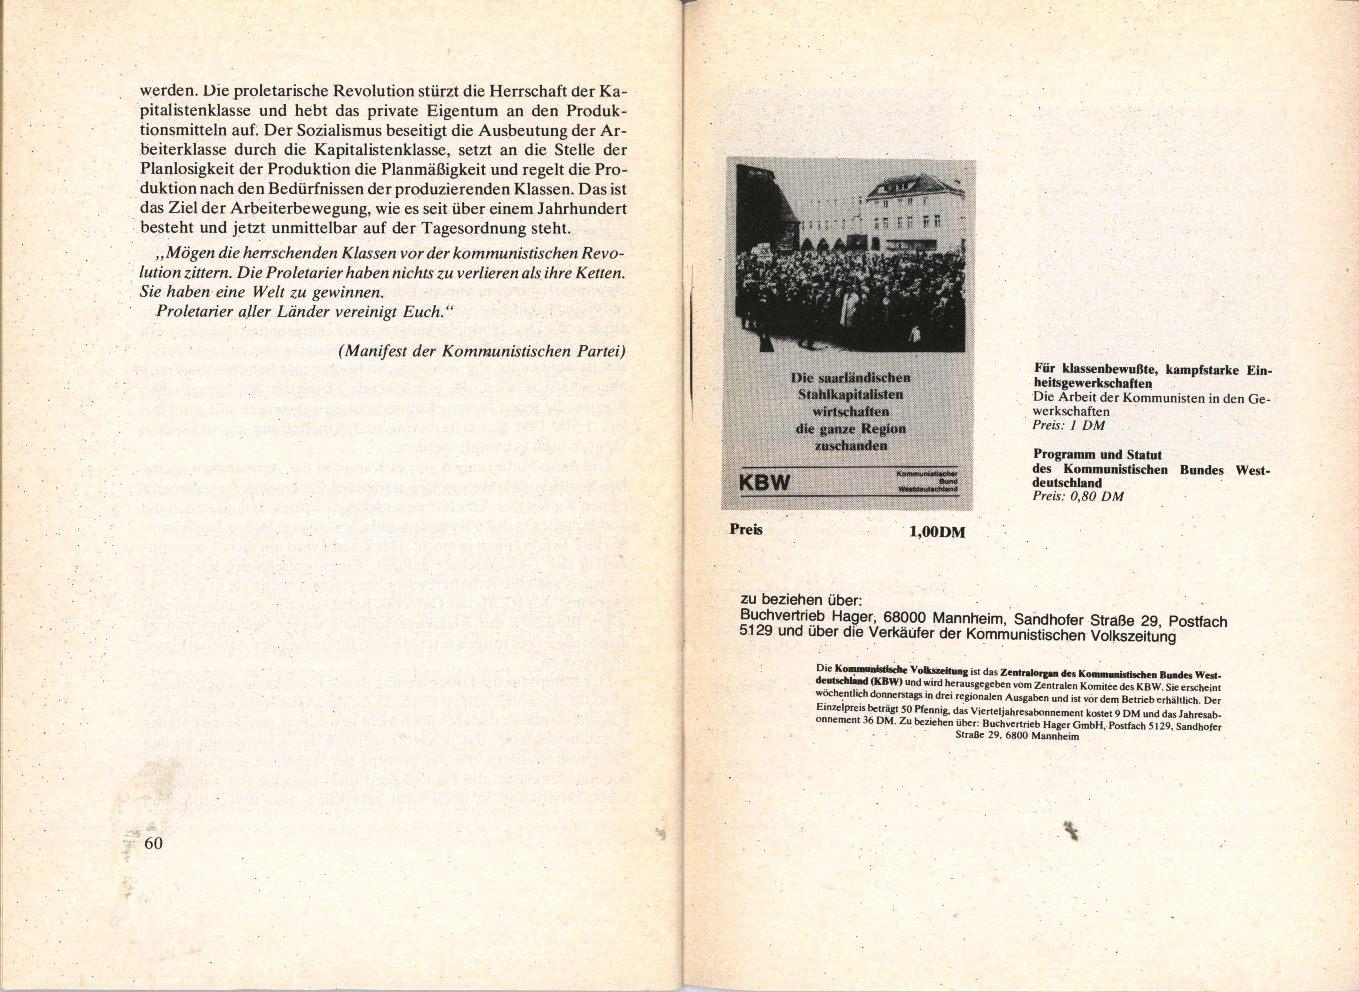 IGM_KBW_Krise_in_der_Stahlindustrie_1977_32